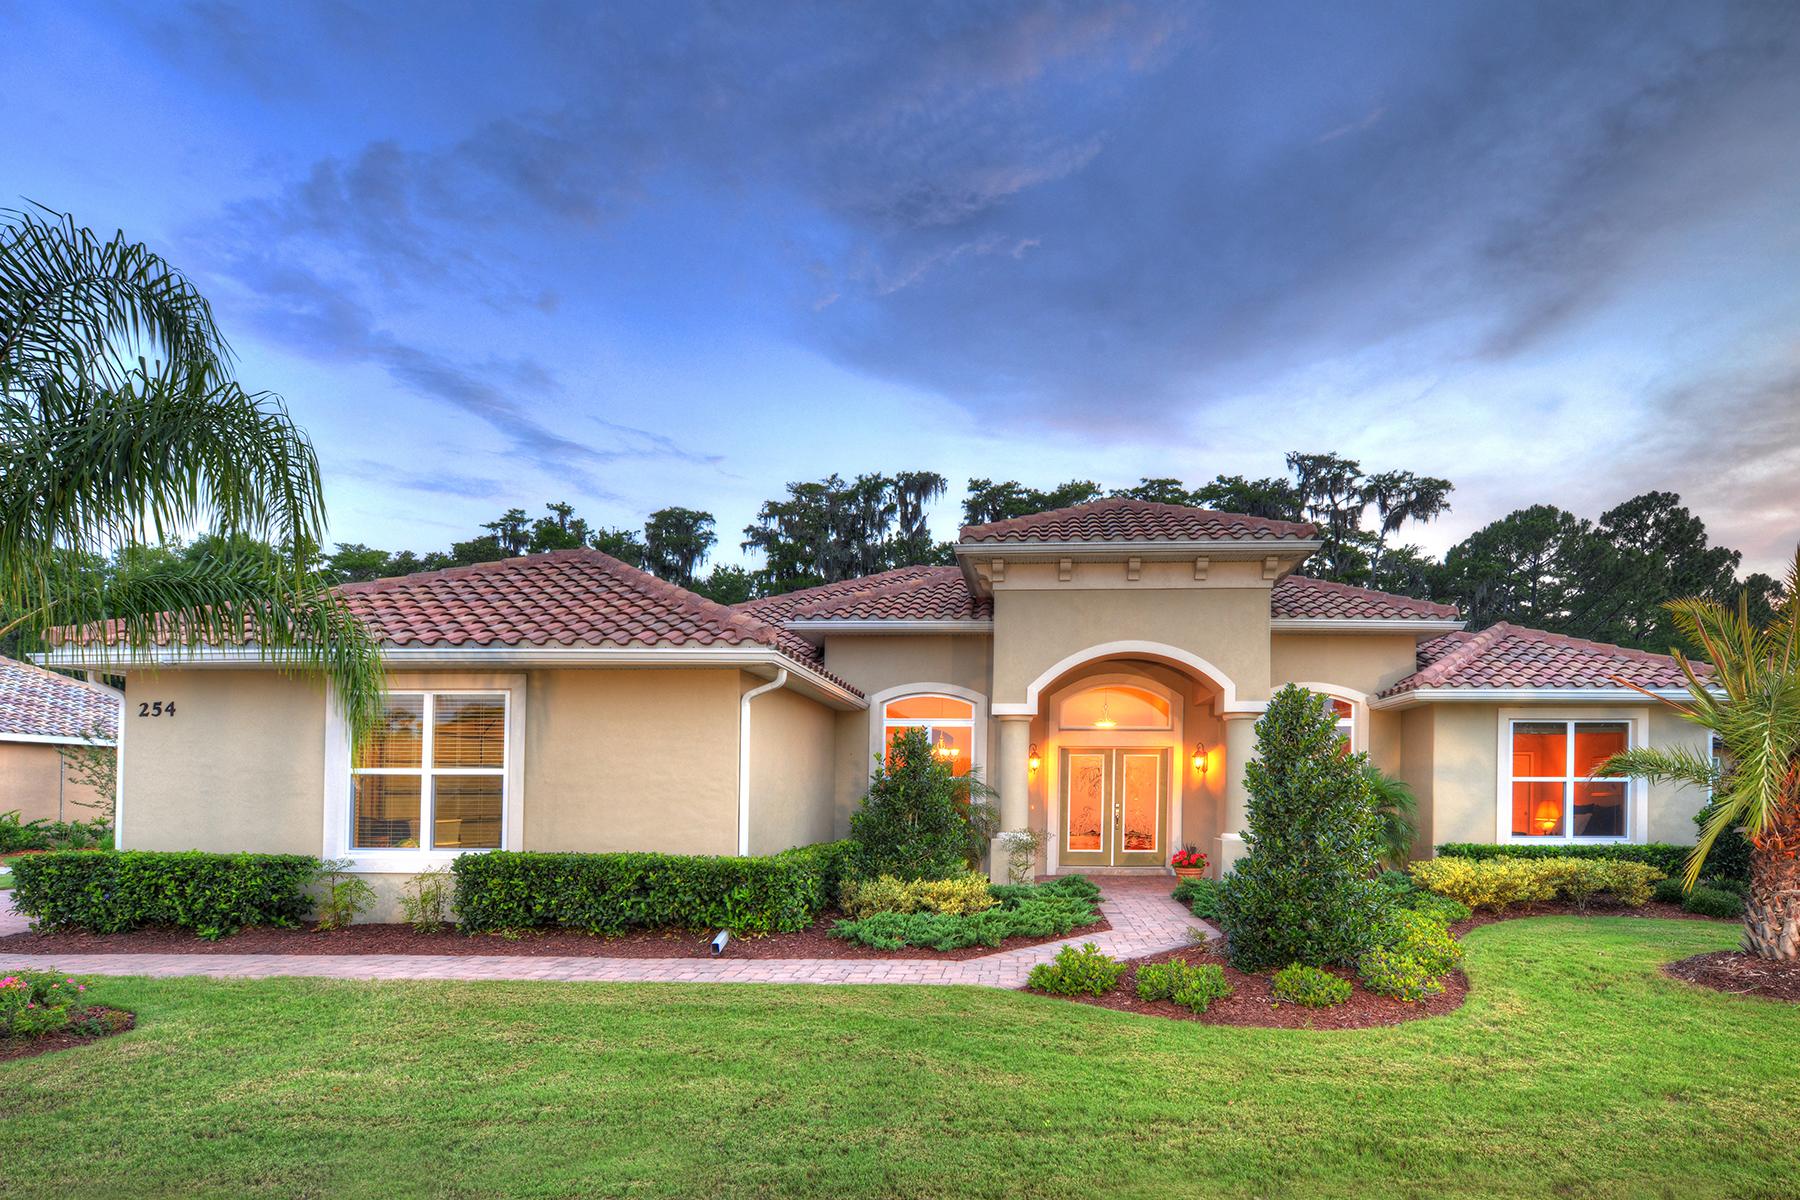 獨棟家庭住宅 為 出售 在 254 Portofino Blvd , New Smyrna Beach, FL 32168 254 Portofino Blvd New Smyrna Beach, 佛羅里達州, 32168 美國